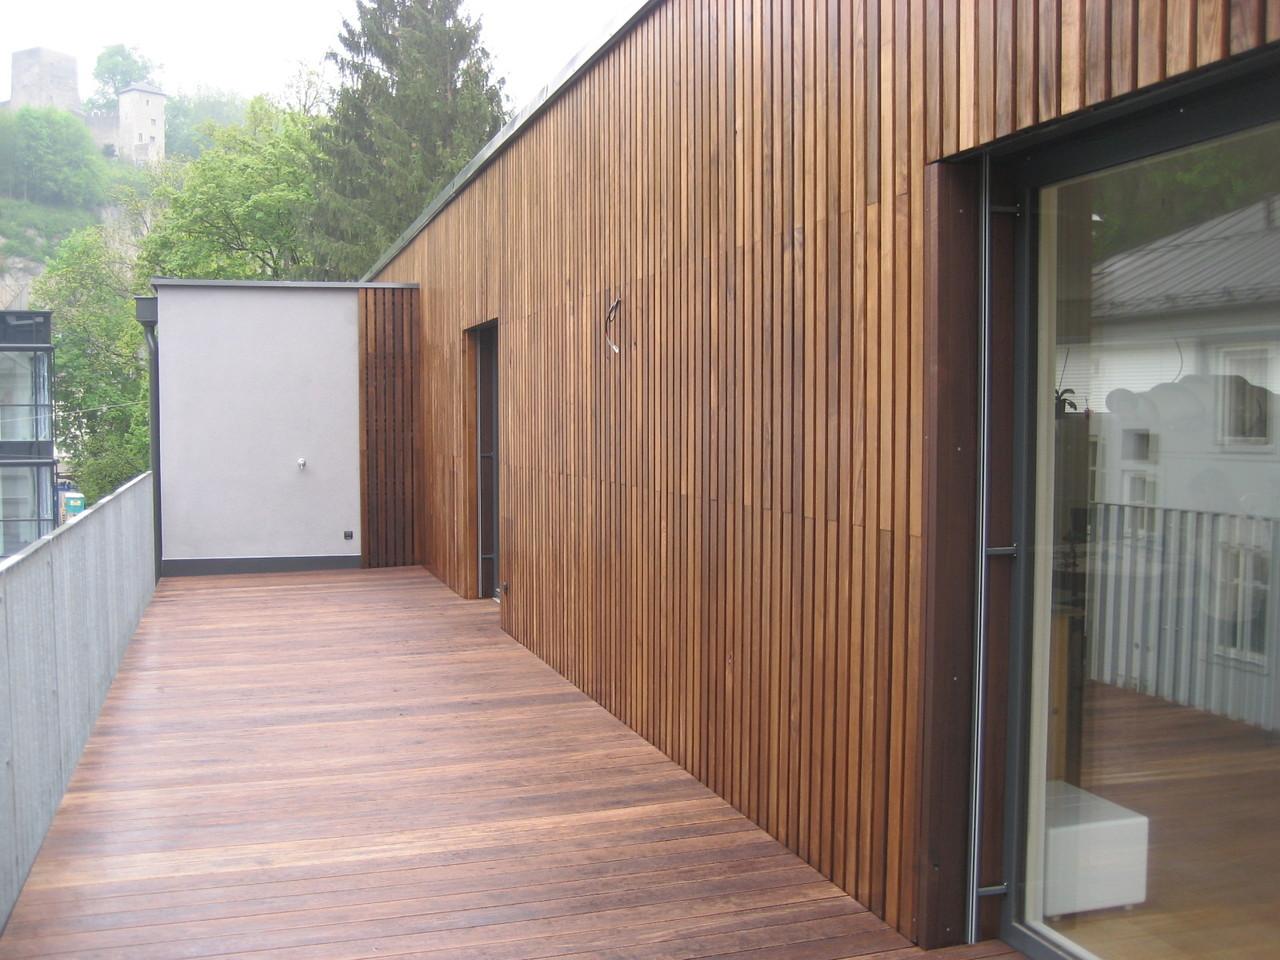 Balkon mit Thermo- Esche Dielen und Fassade mit Thermo Esche Staffeln